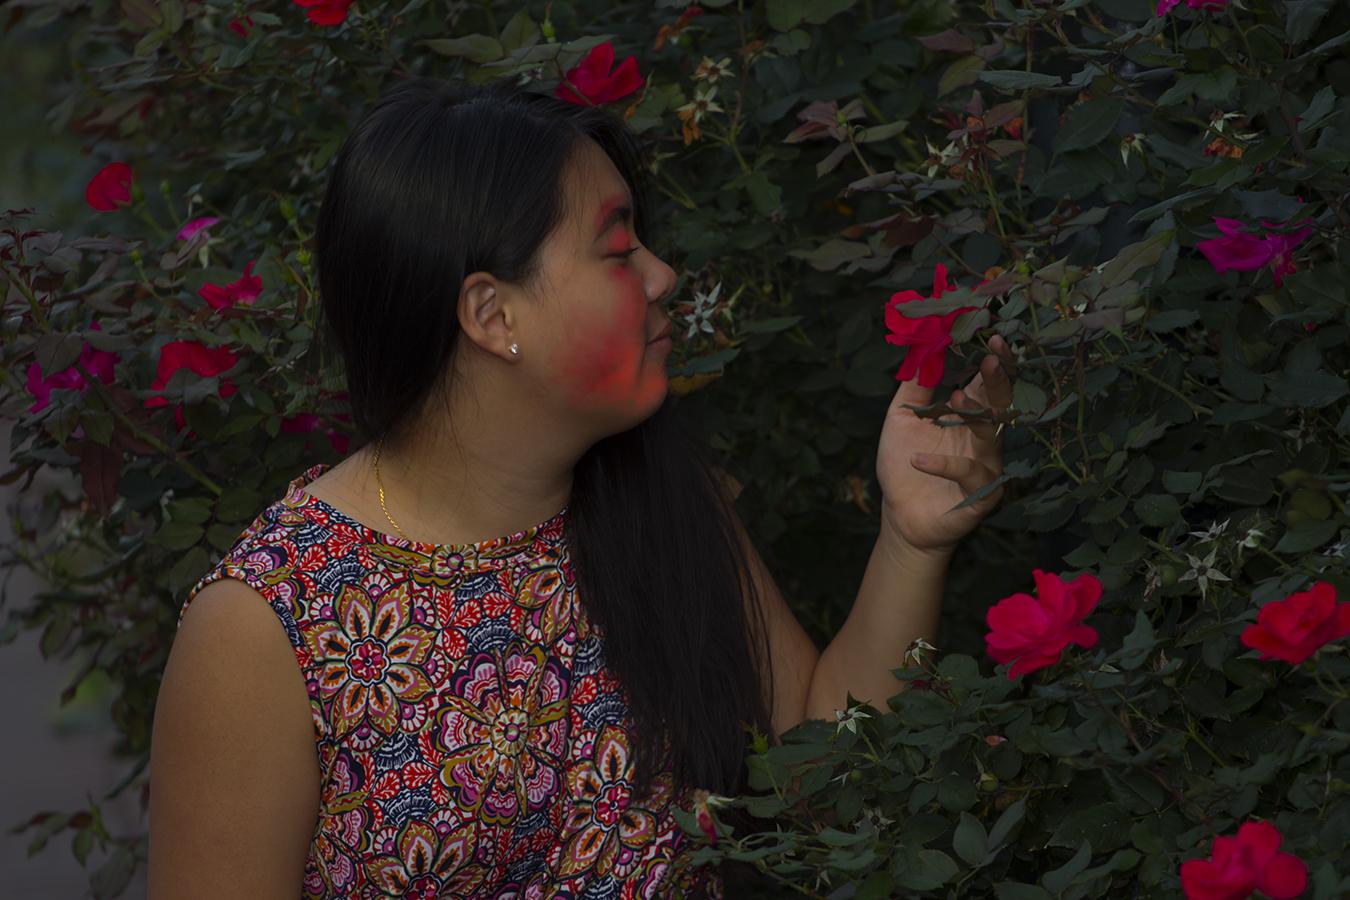 Matt_Garber_portrait_love_emotions_flowers_red_light_girl_outdoors